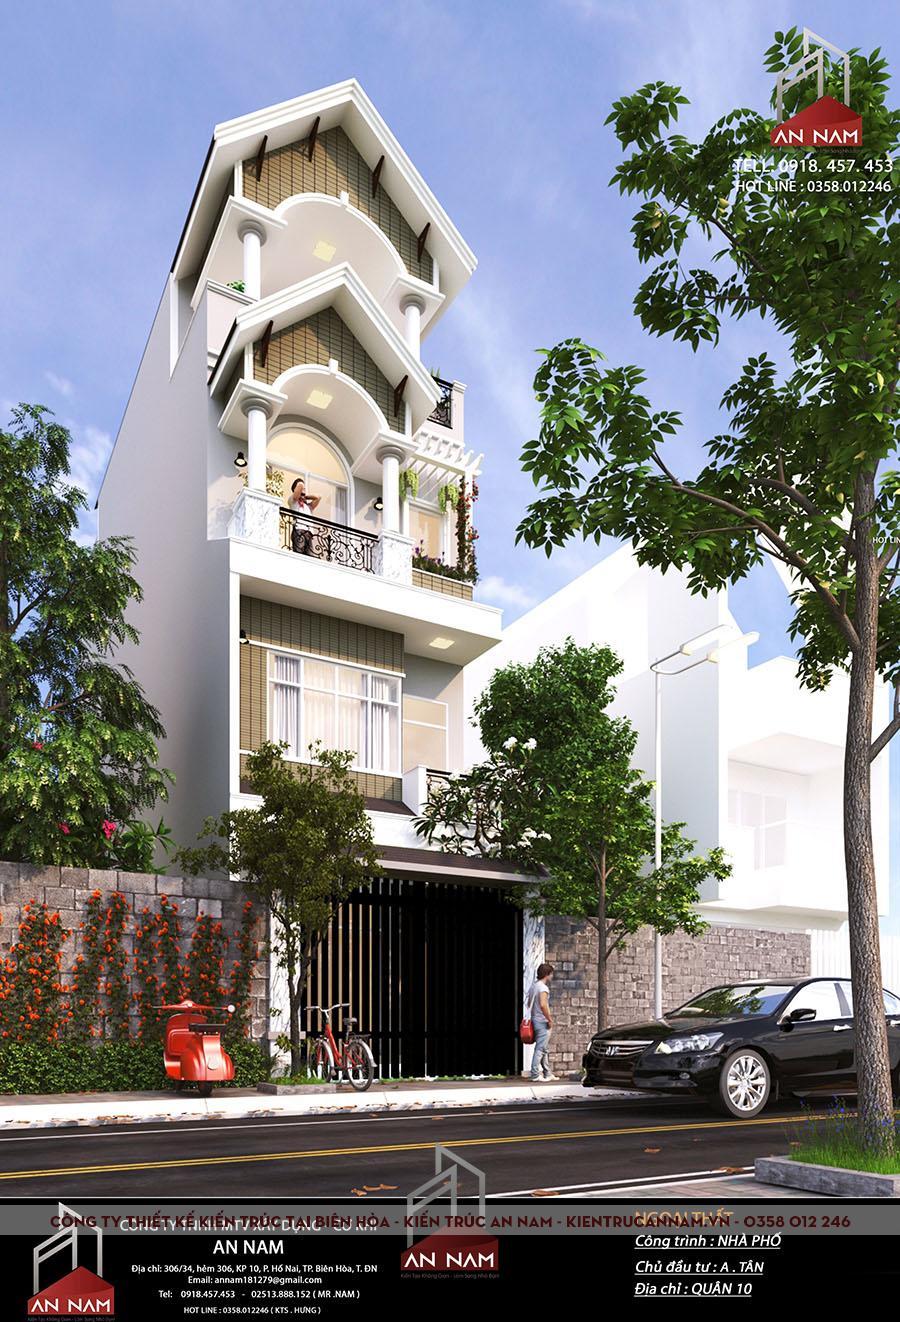 nhà phố 4 tầng tại Hồ Chí Minh sang trọng